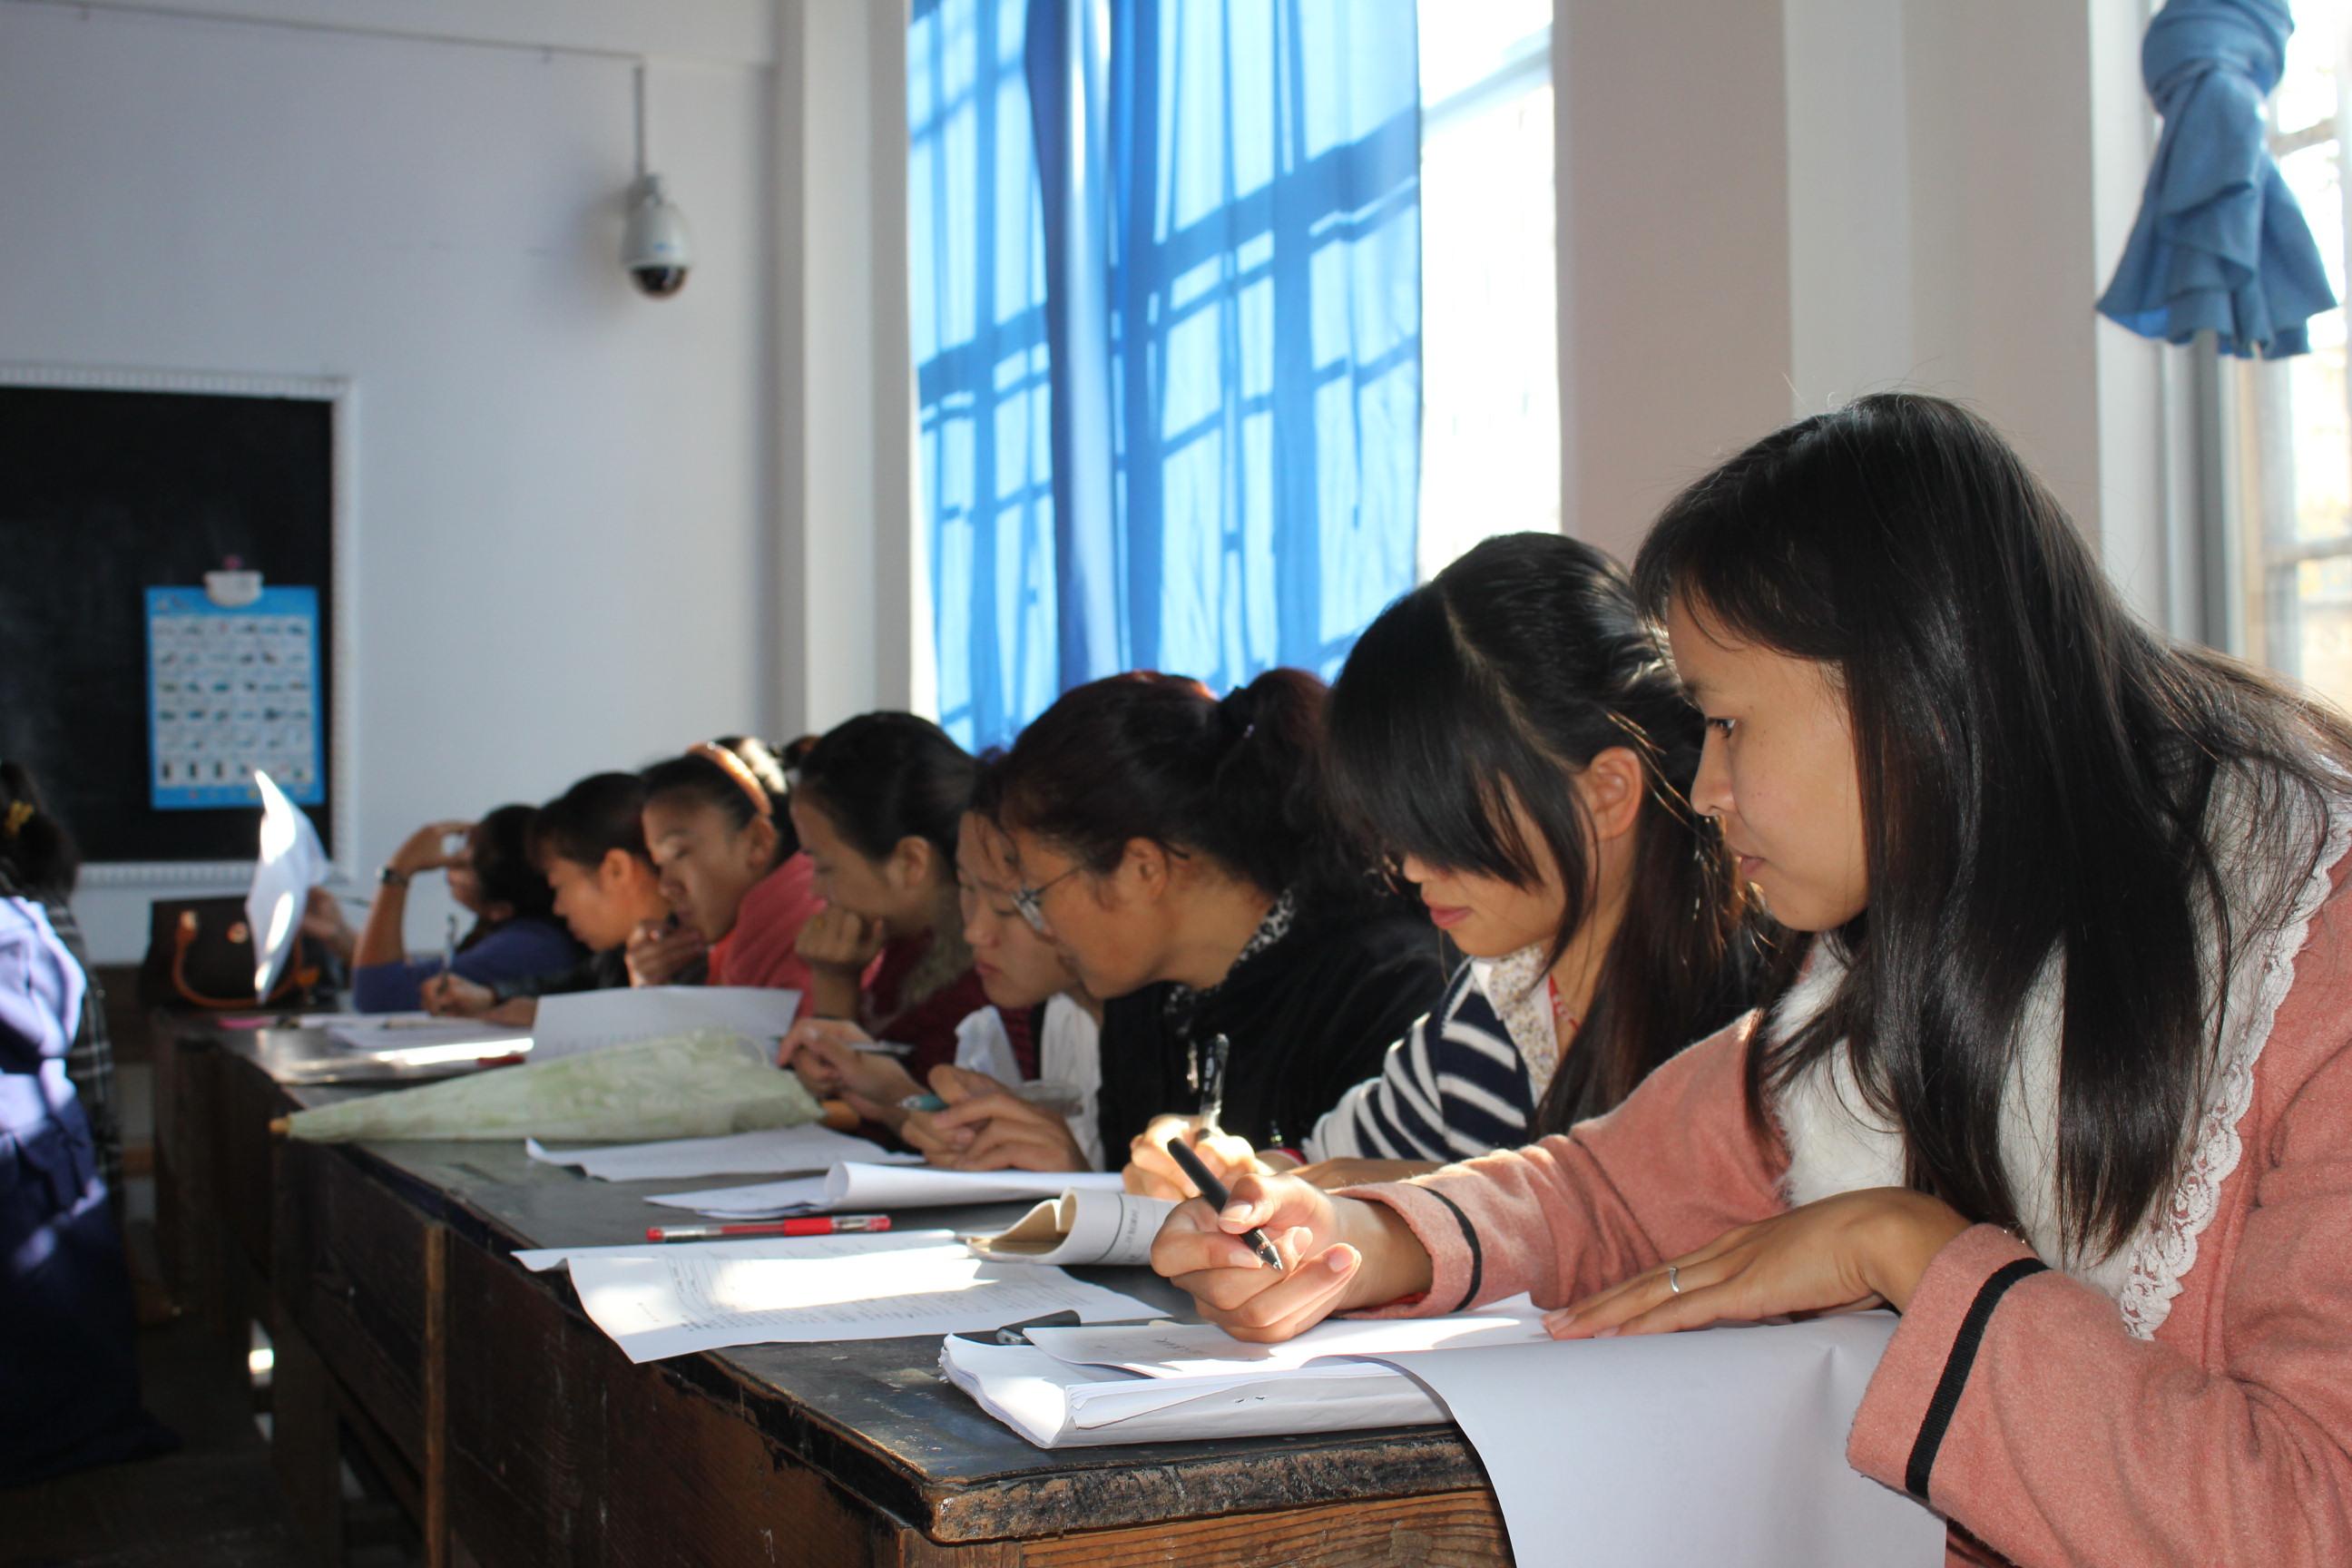 2013年11月8日开展集体备课交流展示活动,高三年级英语备课高清图片